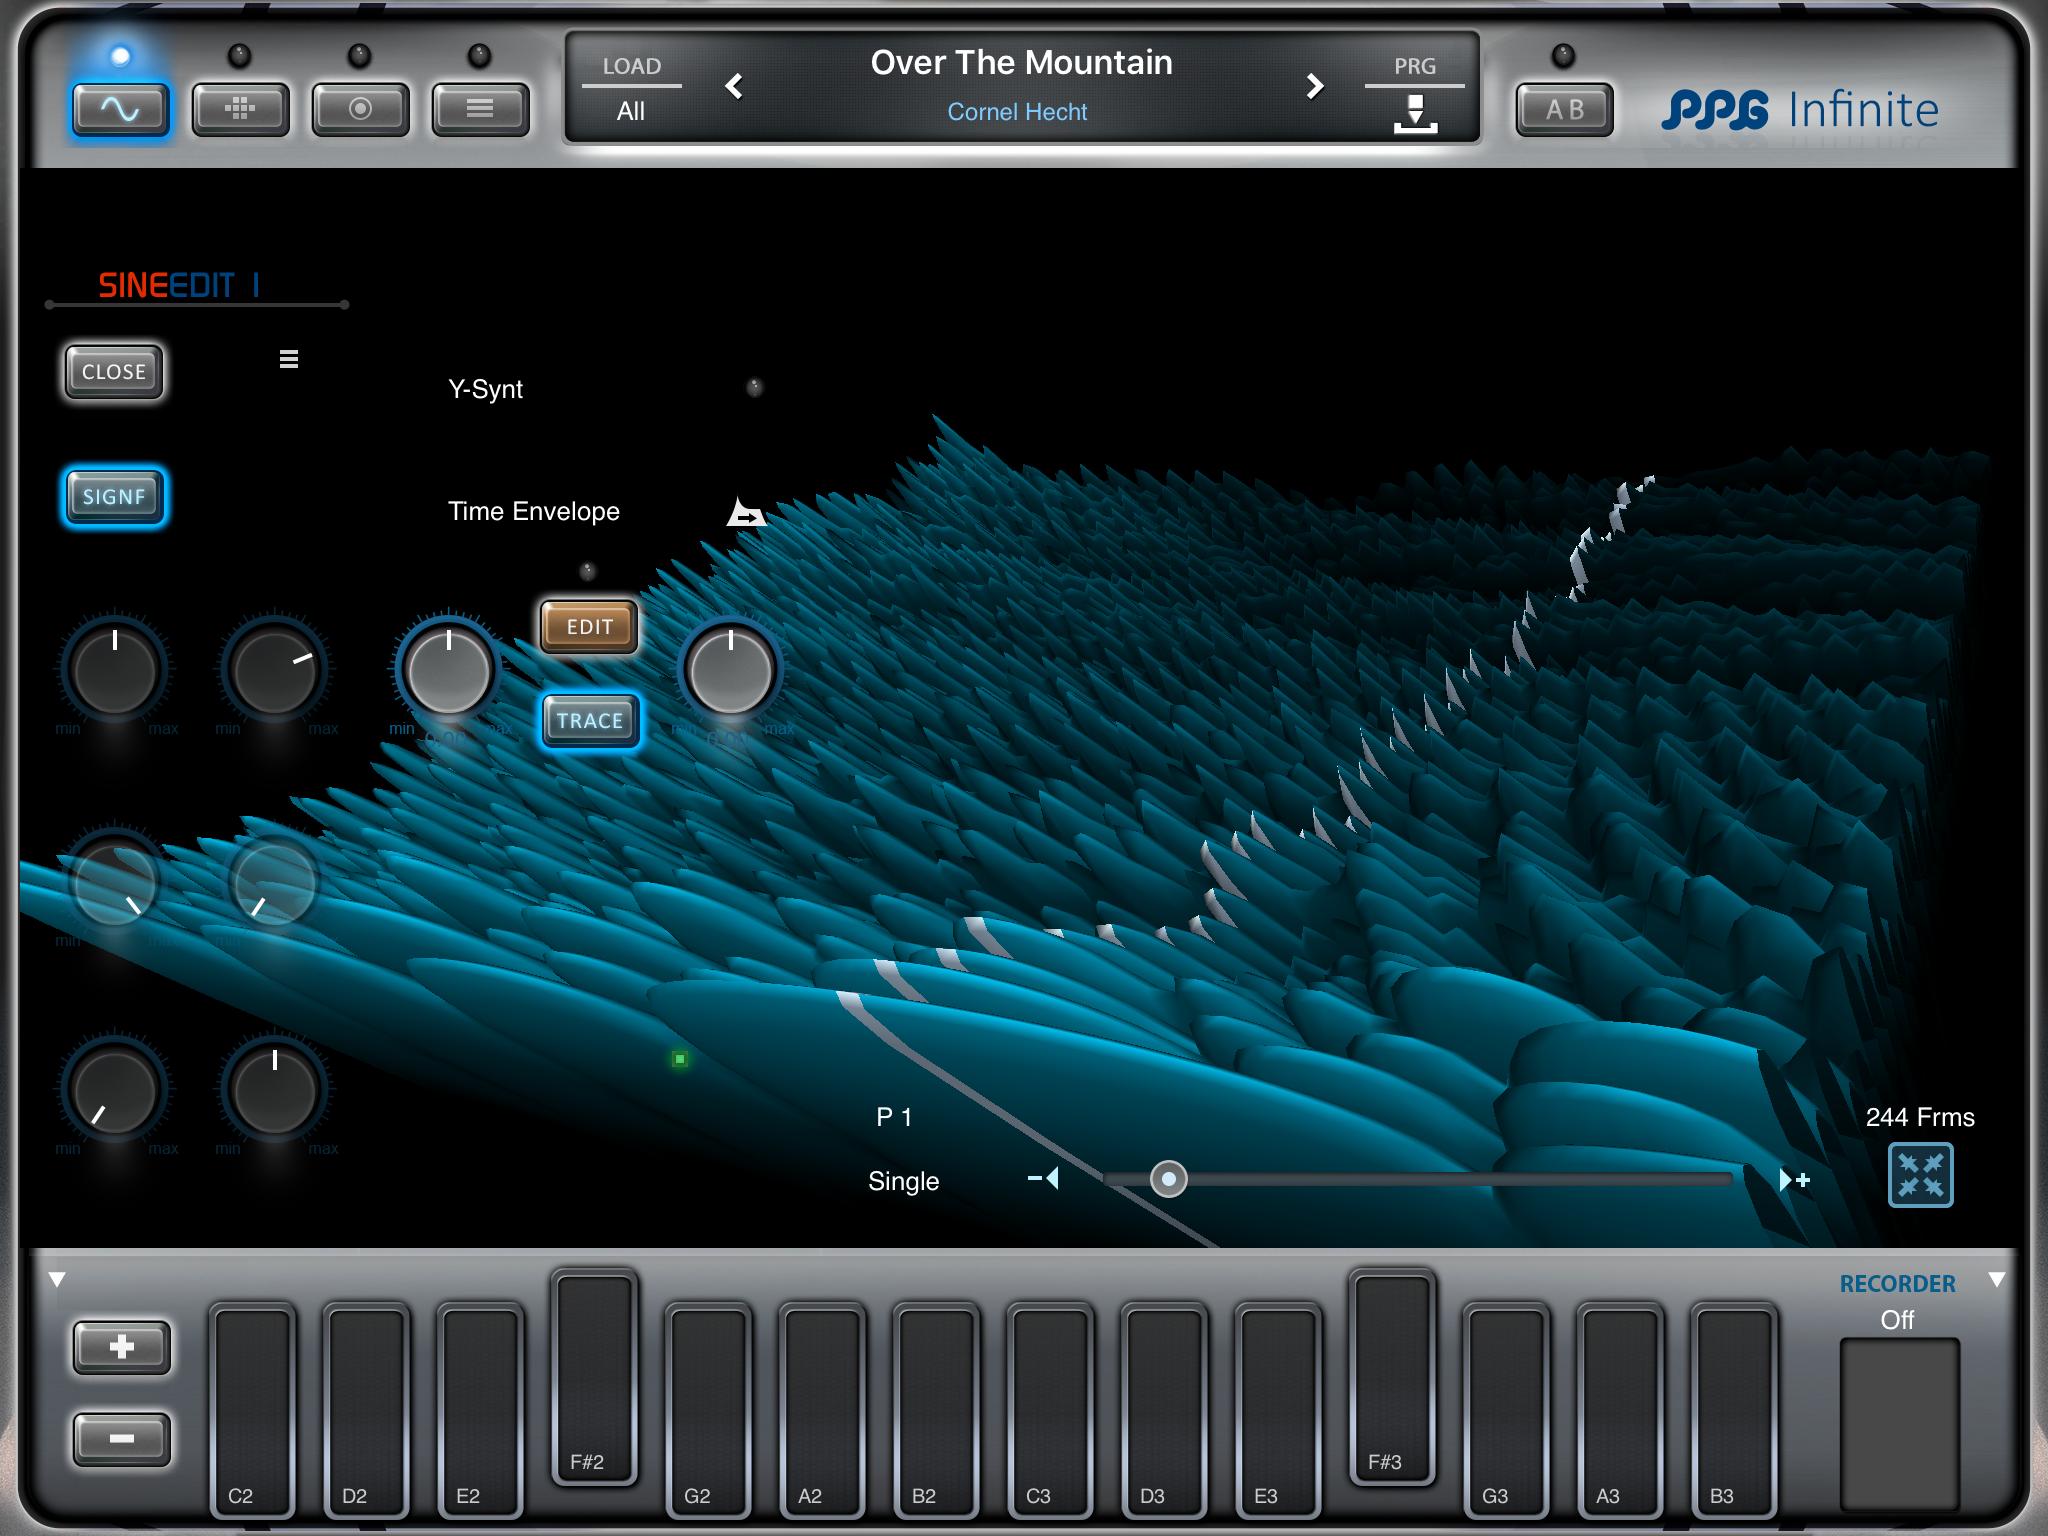 PPG Infinite. Jag vete fasen vad den där 3D-bilden visar, men coolt är det.